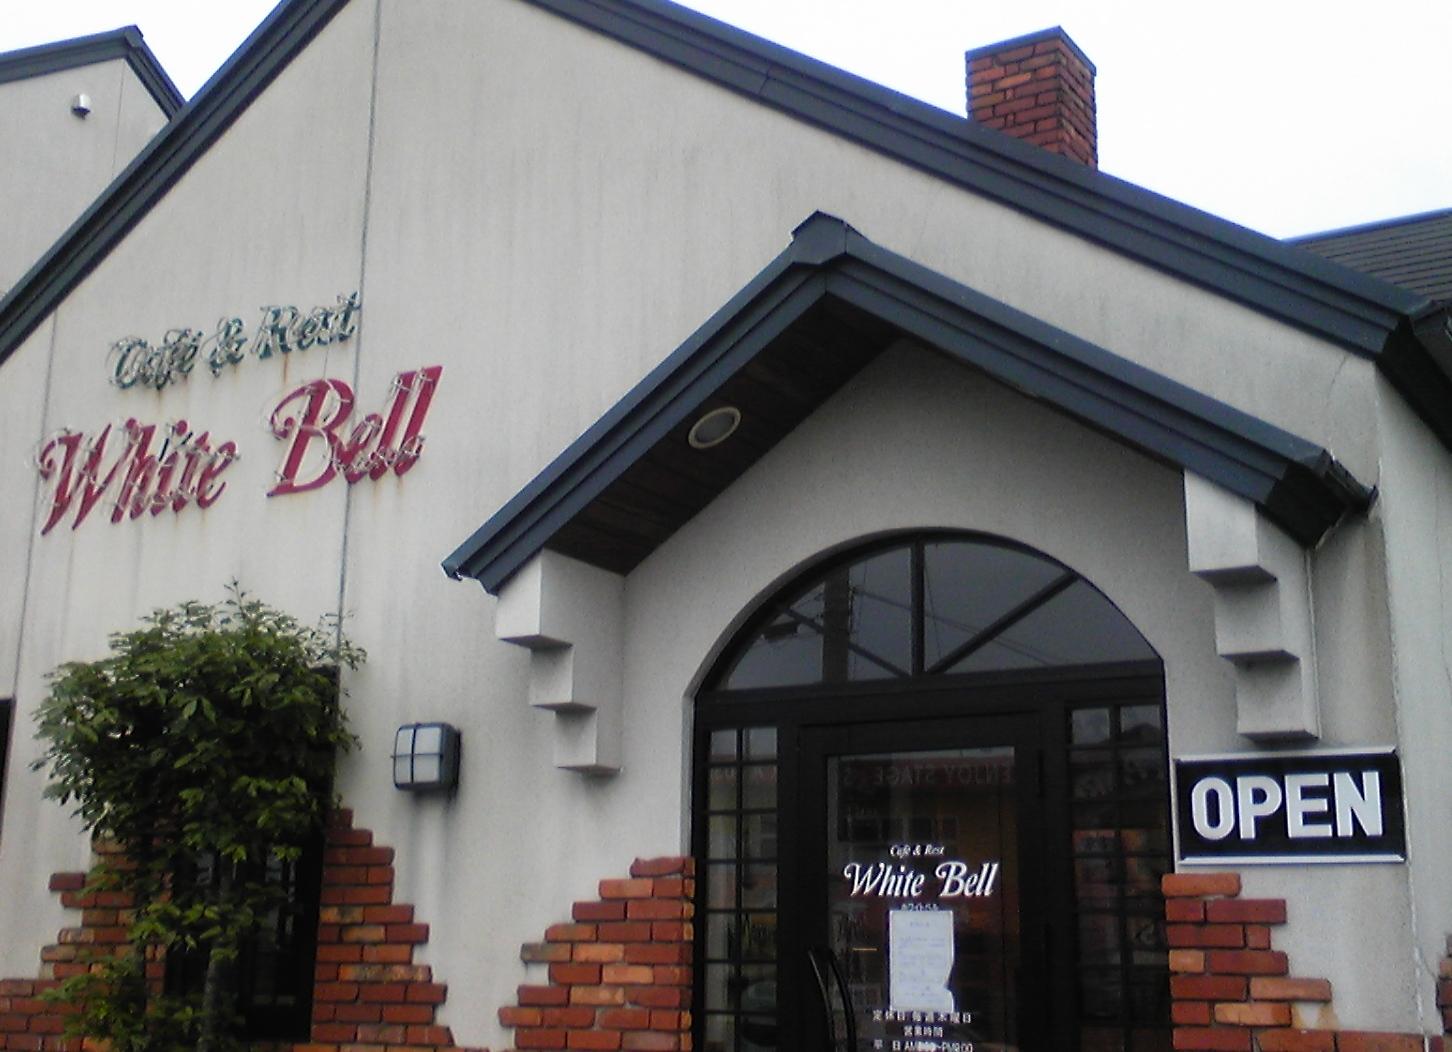 White Bell